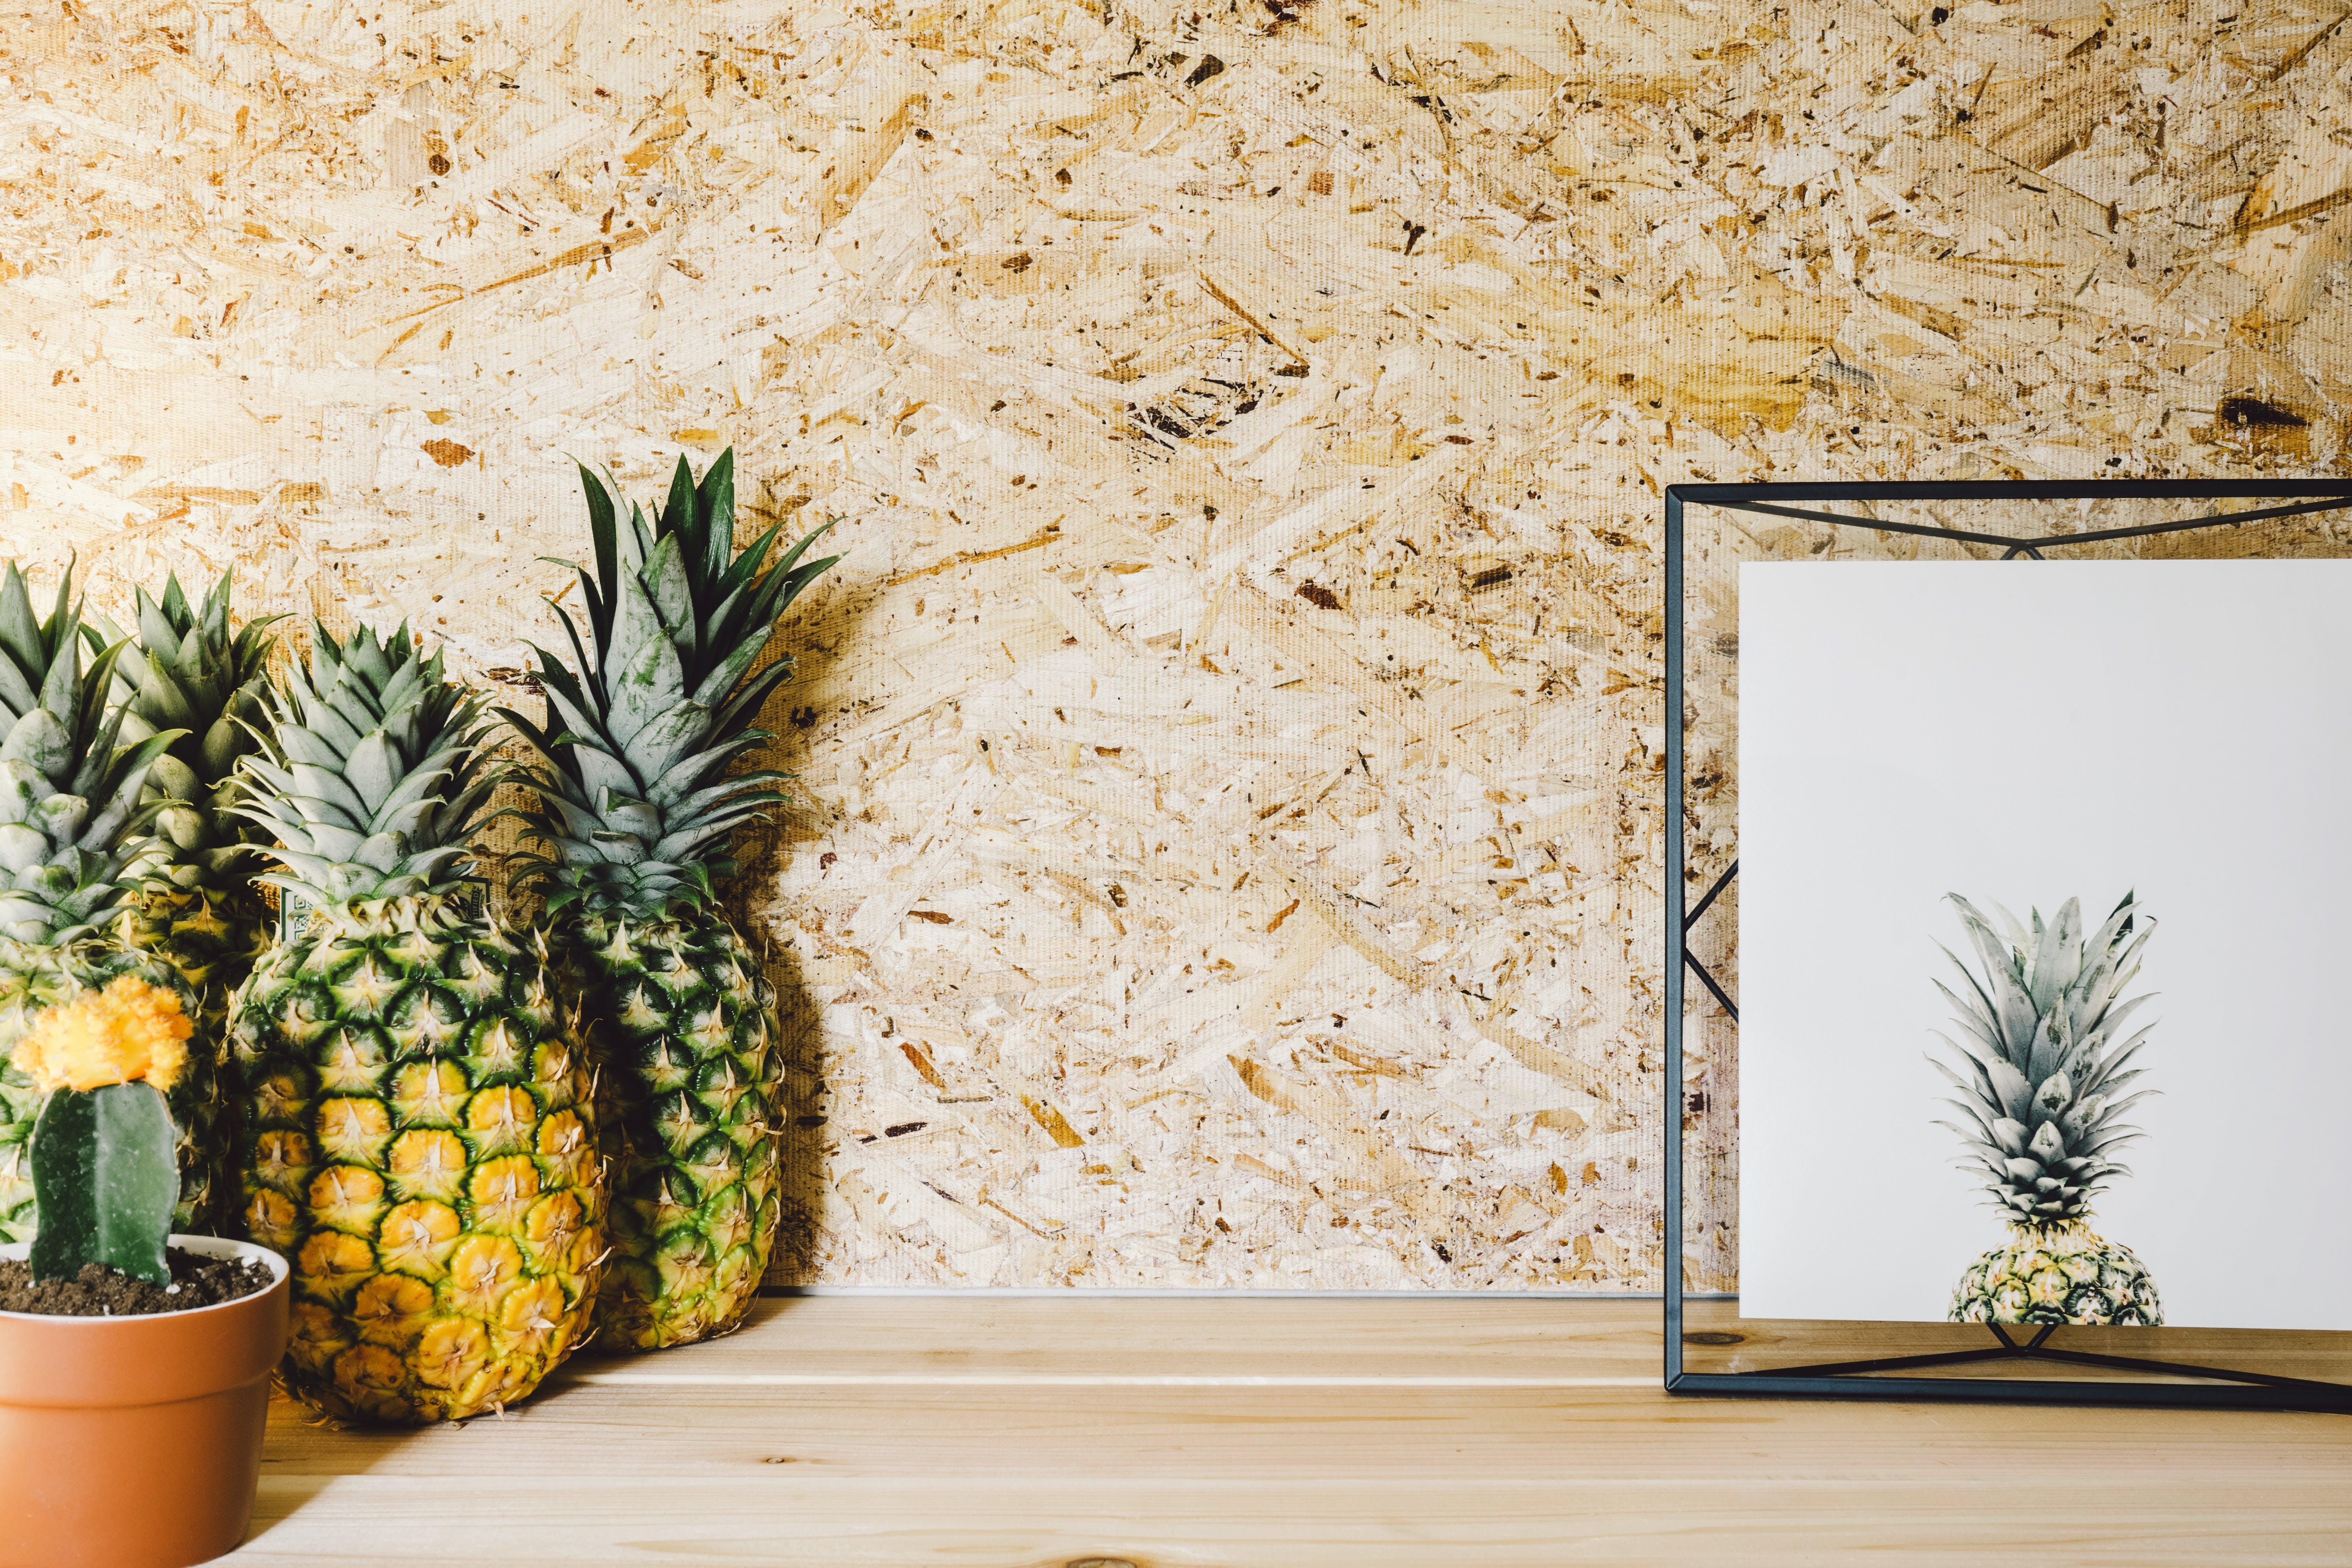 Gratis lagerfoto af ananas, billedramme, boligindretning, close-up